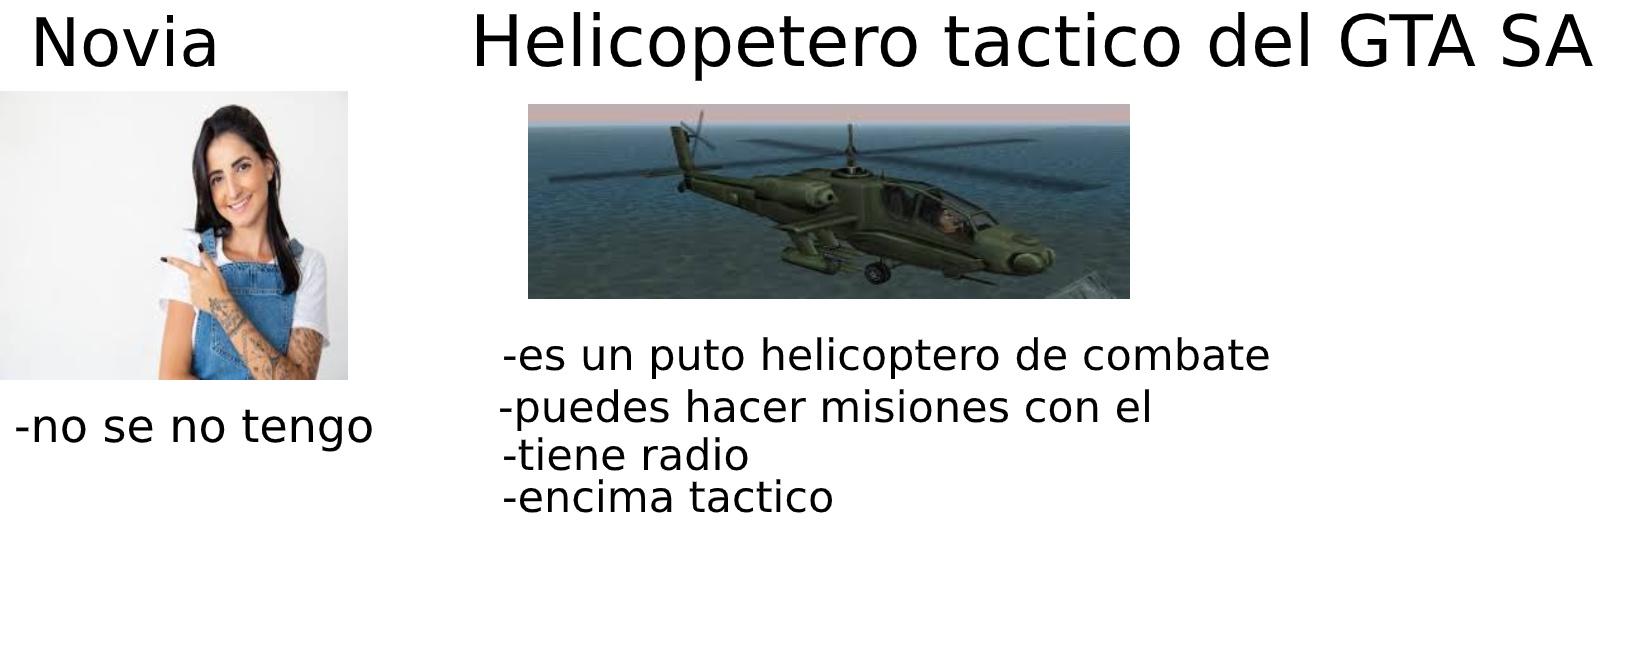 helicoptero tactico del gta sa - meme